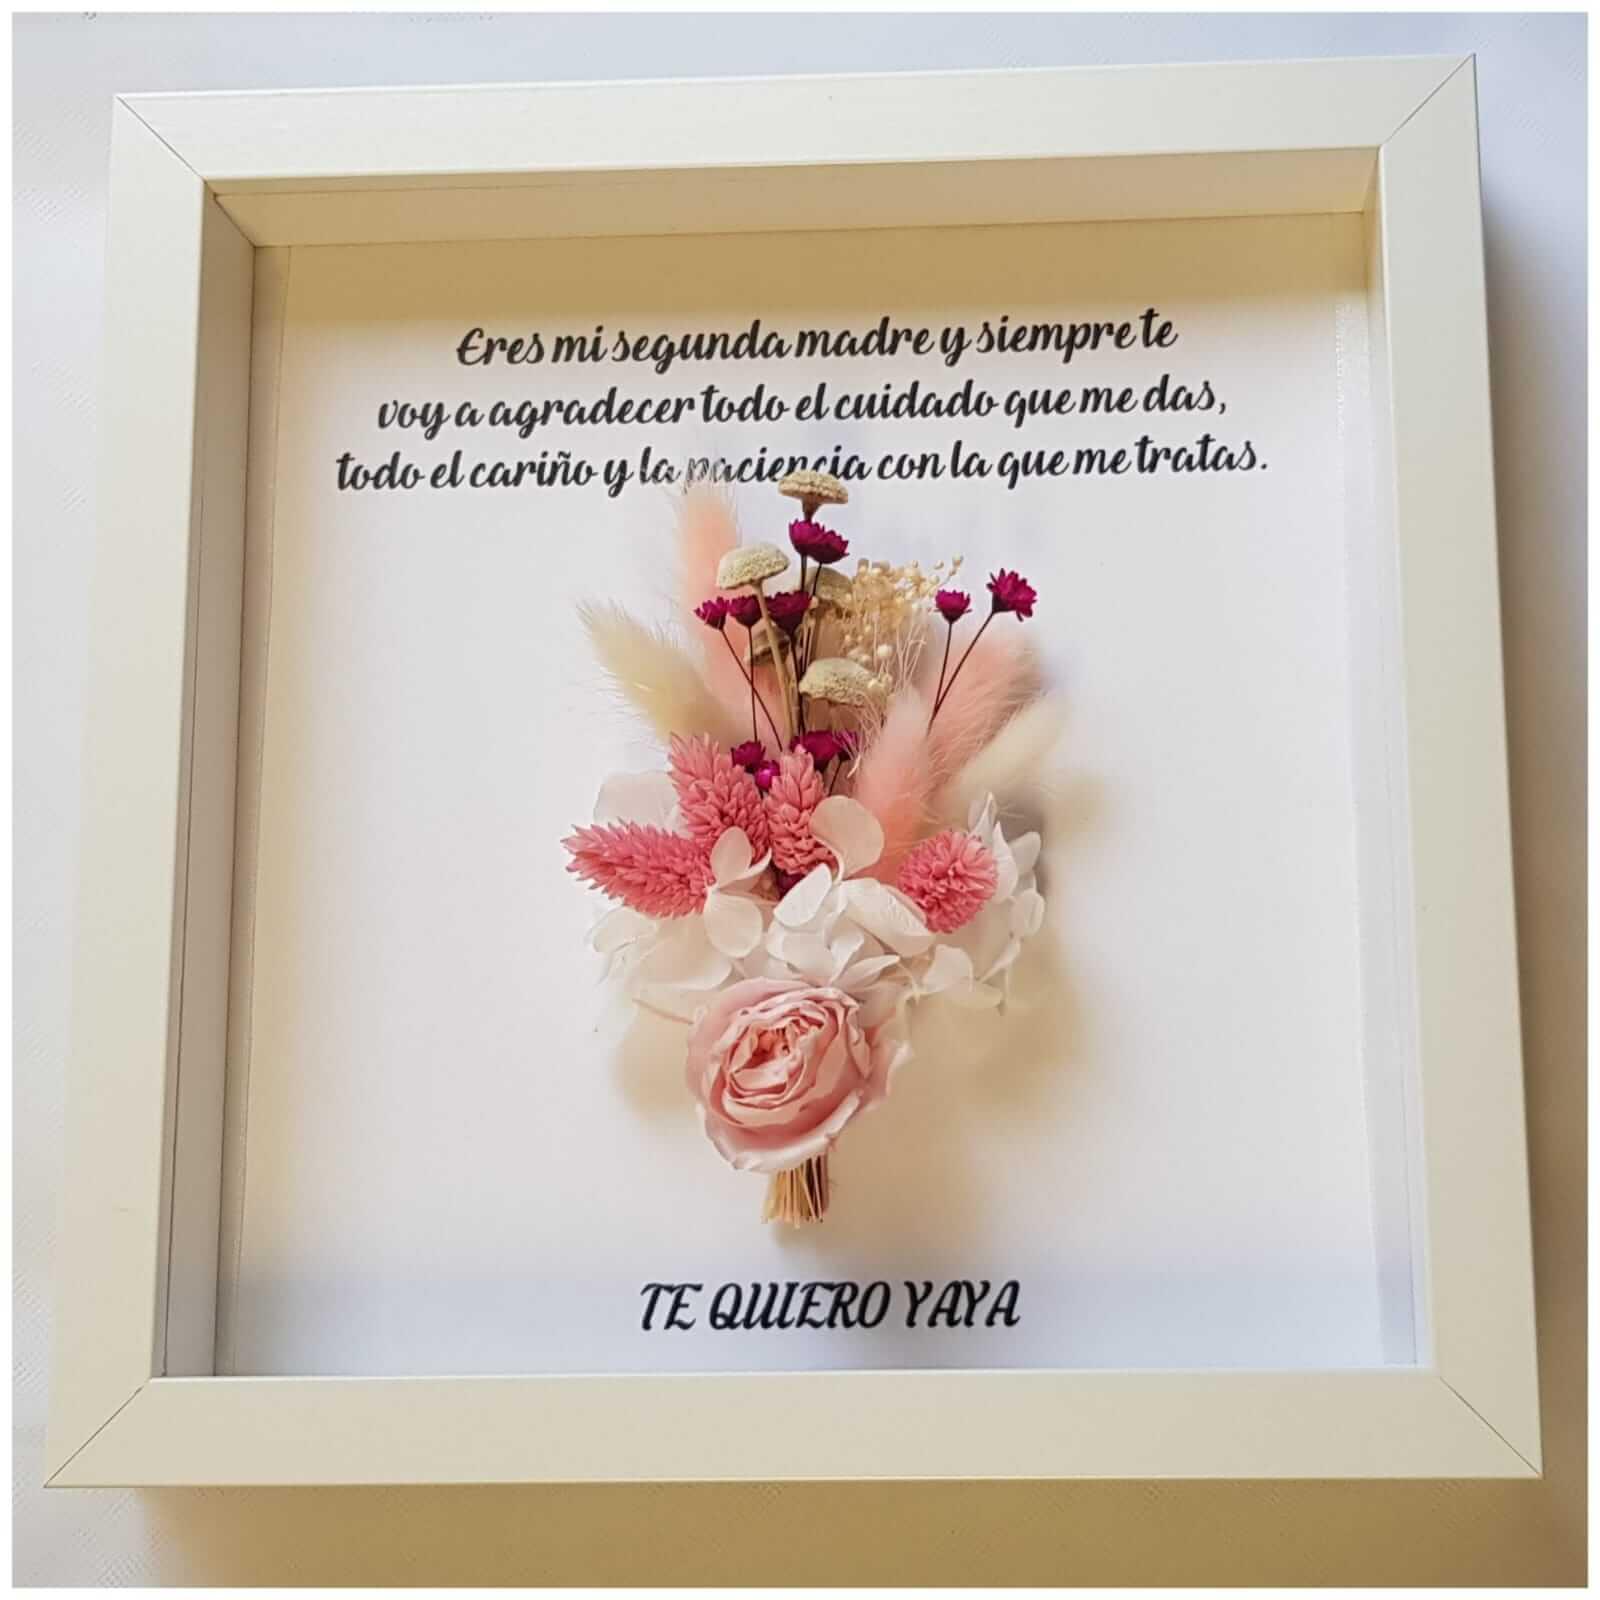 cuadros personalizados | cuadro personalizado cuadro personalizado - Cuadro personalizado realizado con flores preservadas - Cuadro personalizado